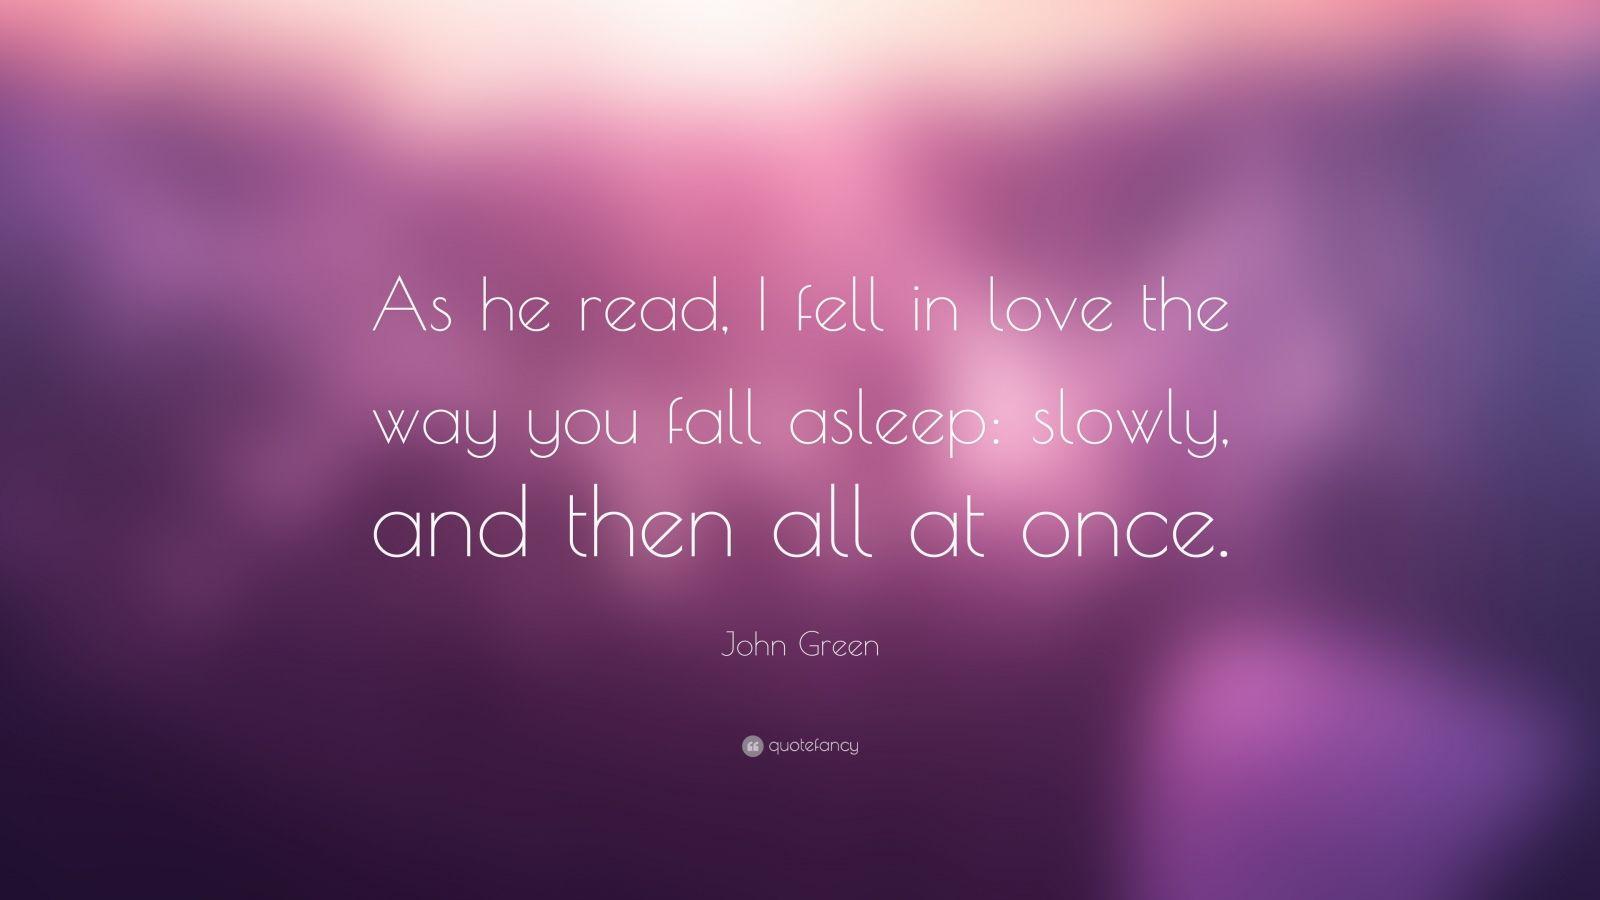 As he read  I fell in ...